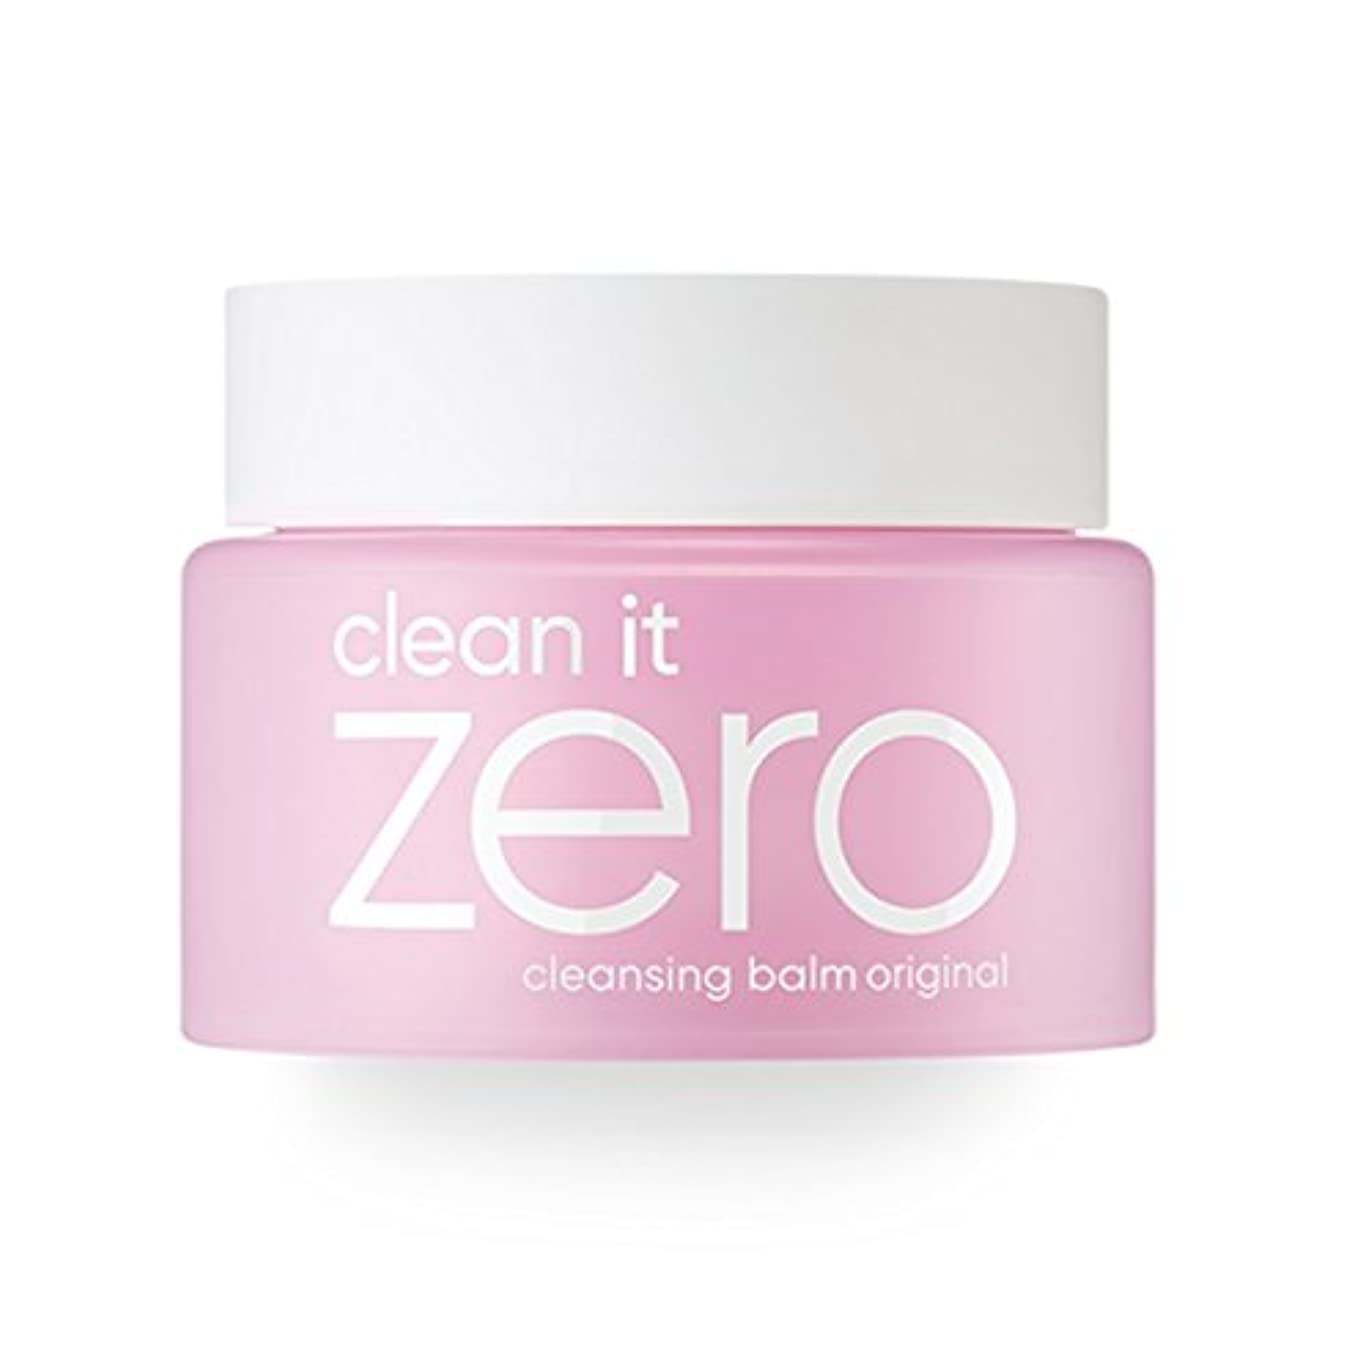 ベル壊れた誇りBanila.co クリーン イット ゼロ クレンジングバーム オリジナル / Clean it Zero Cleansing Balm Original (100ml)